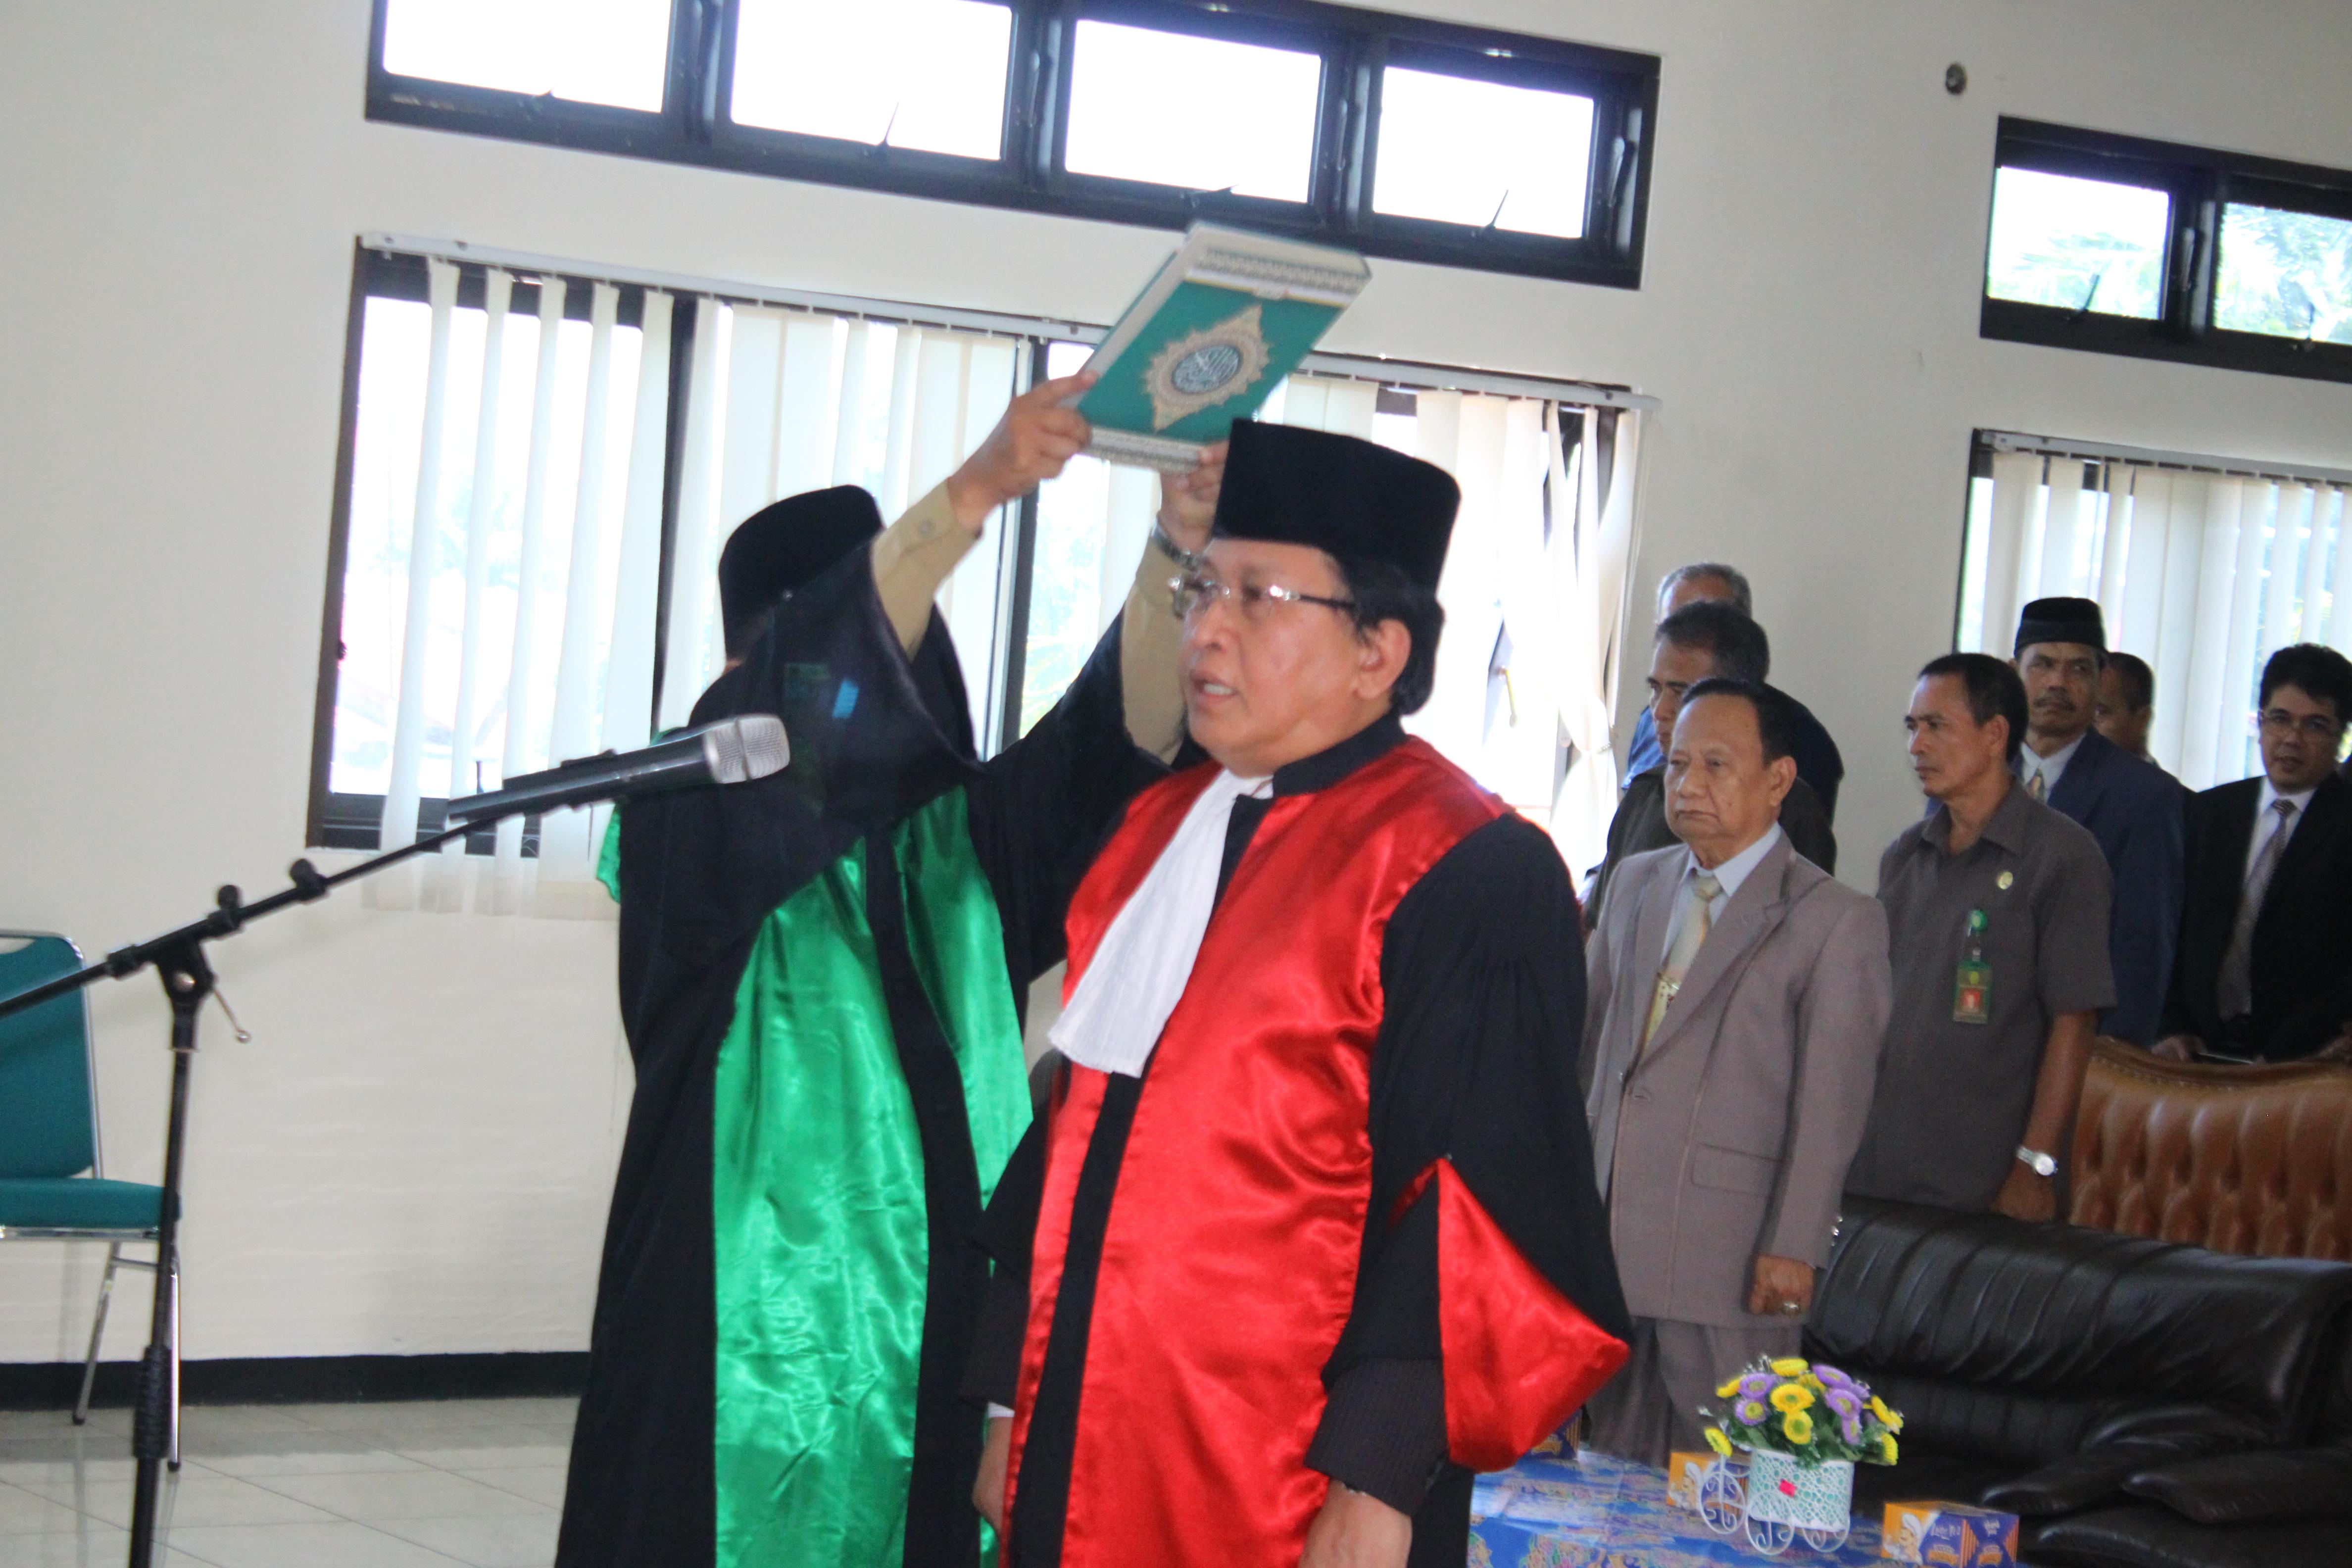 Pengambilan Sumpah & Pelantikan WKPT Bengkulu Bpk. Dr. Siswandriyono, SH, M.Hum